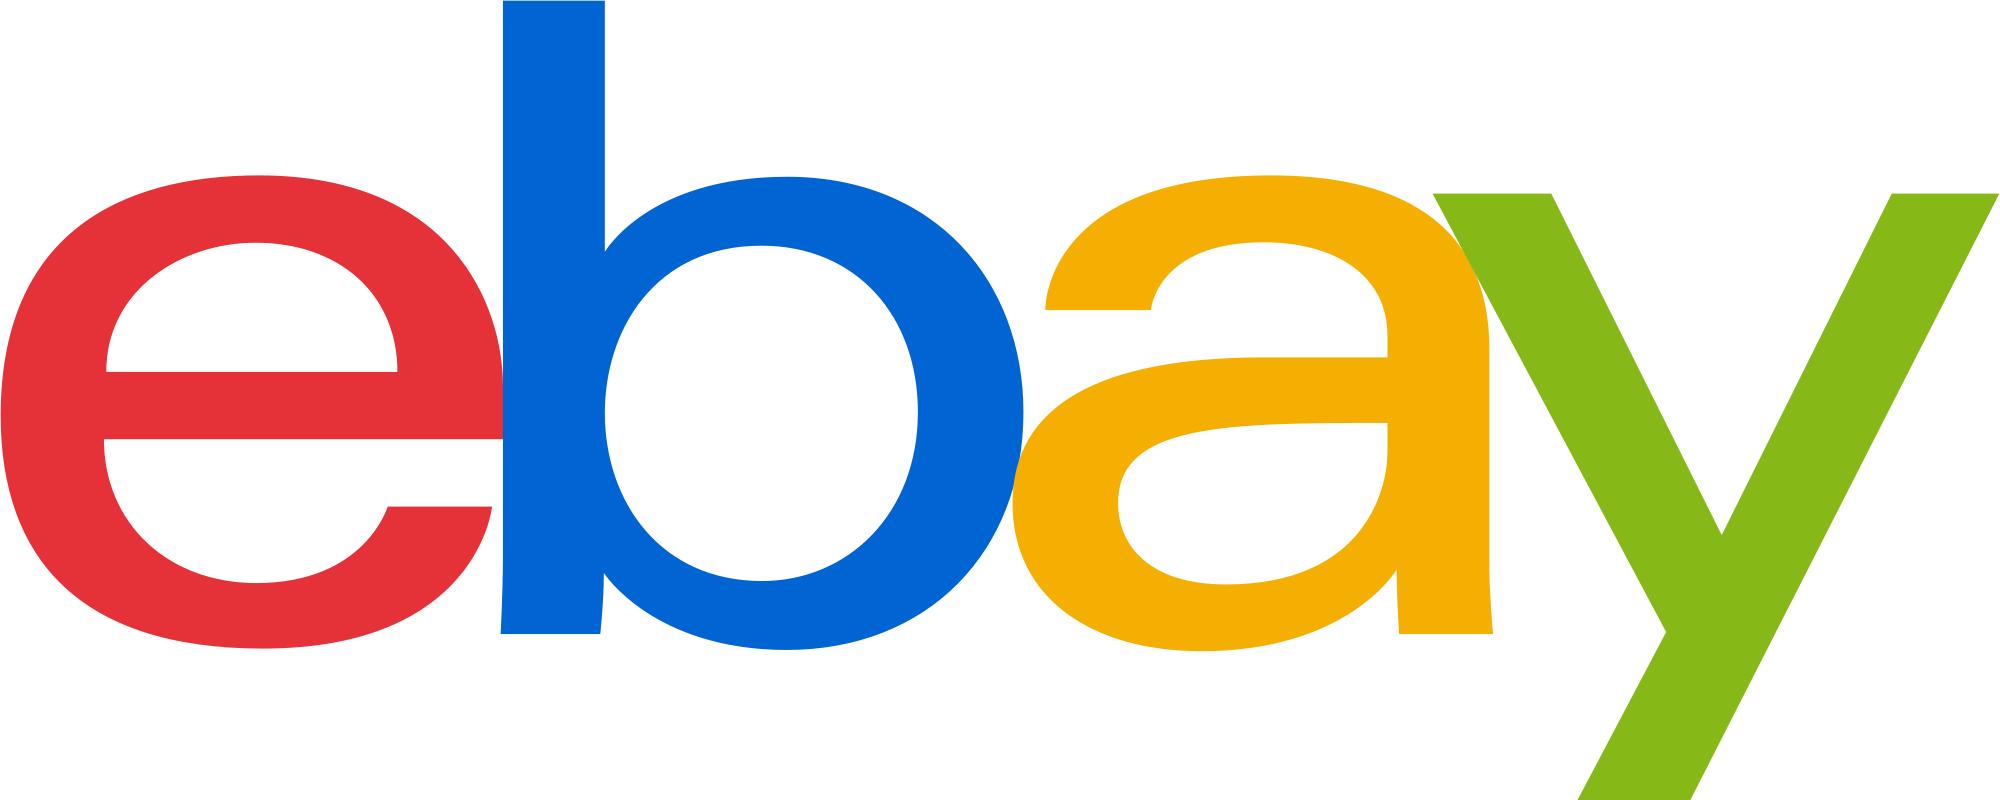 Kostenloses Einstellen und maximal 5€ Verkaufsprovision (Plus-Kunden zahlen maximal 1€) @eBay